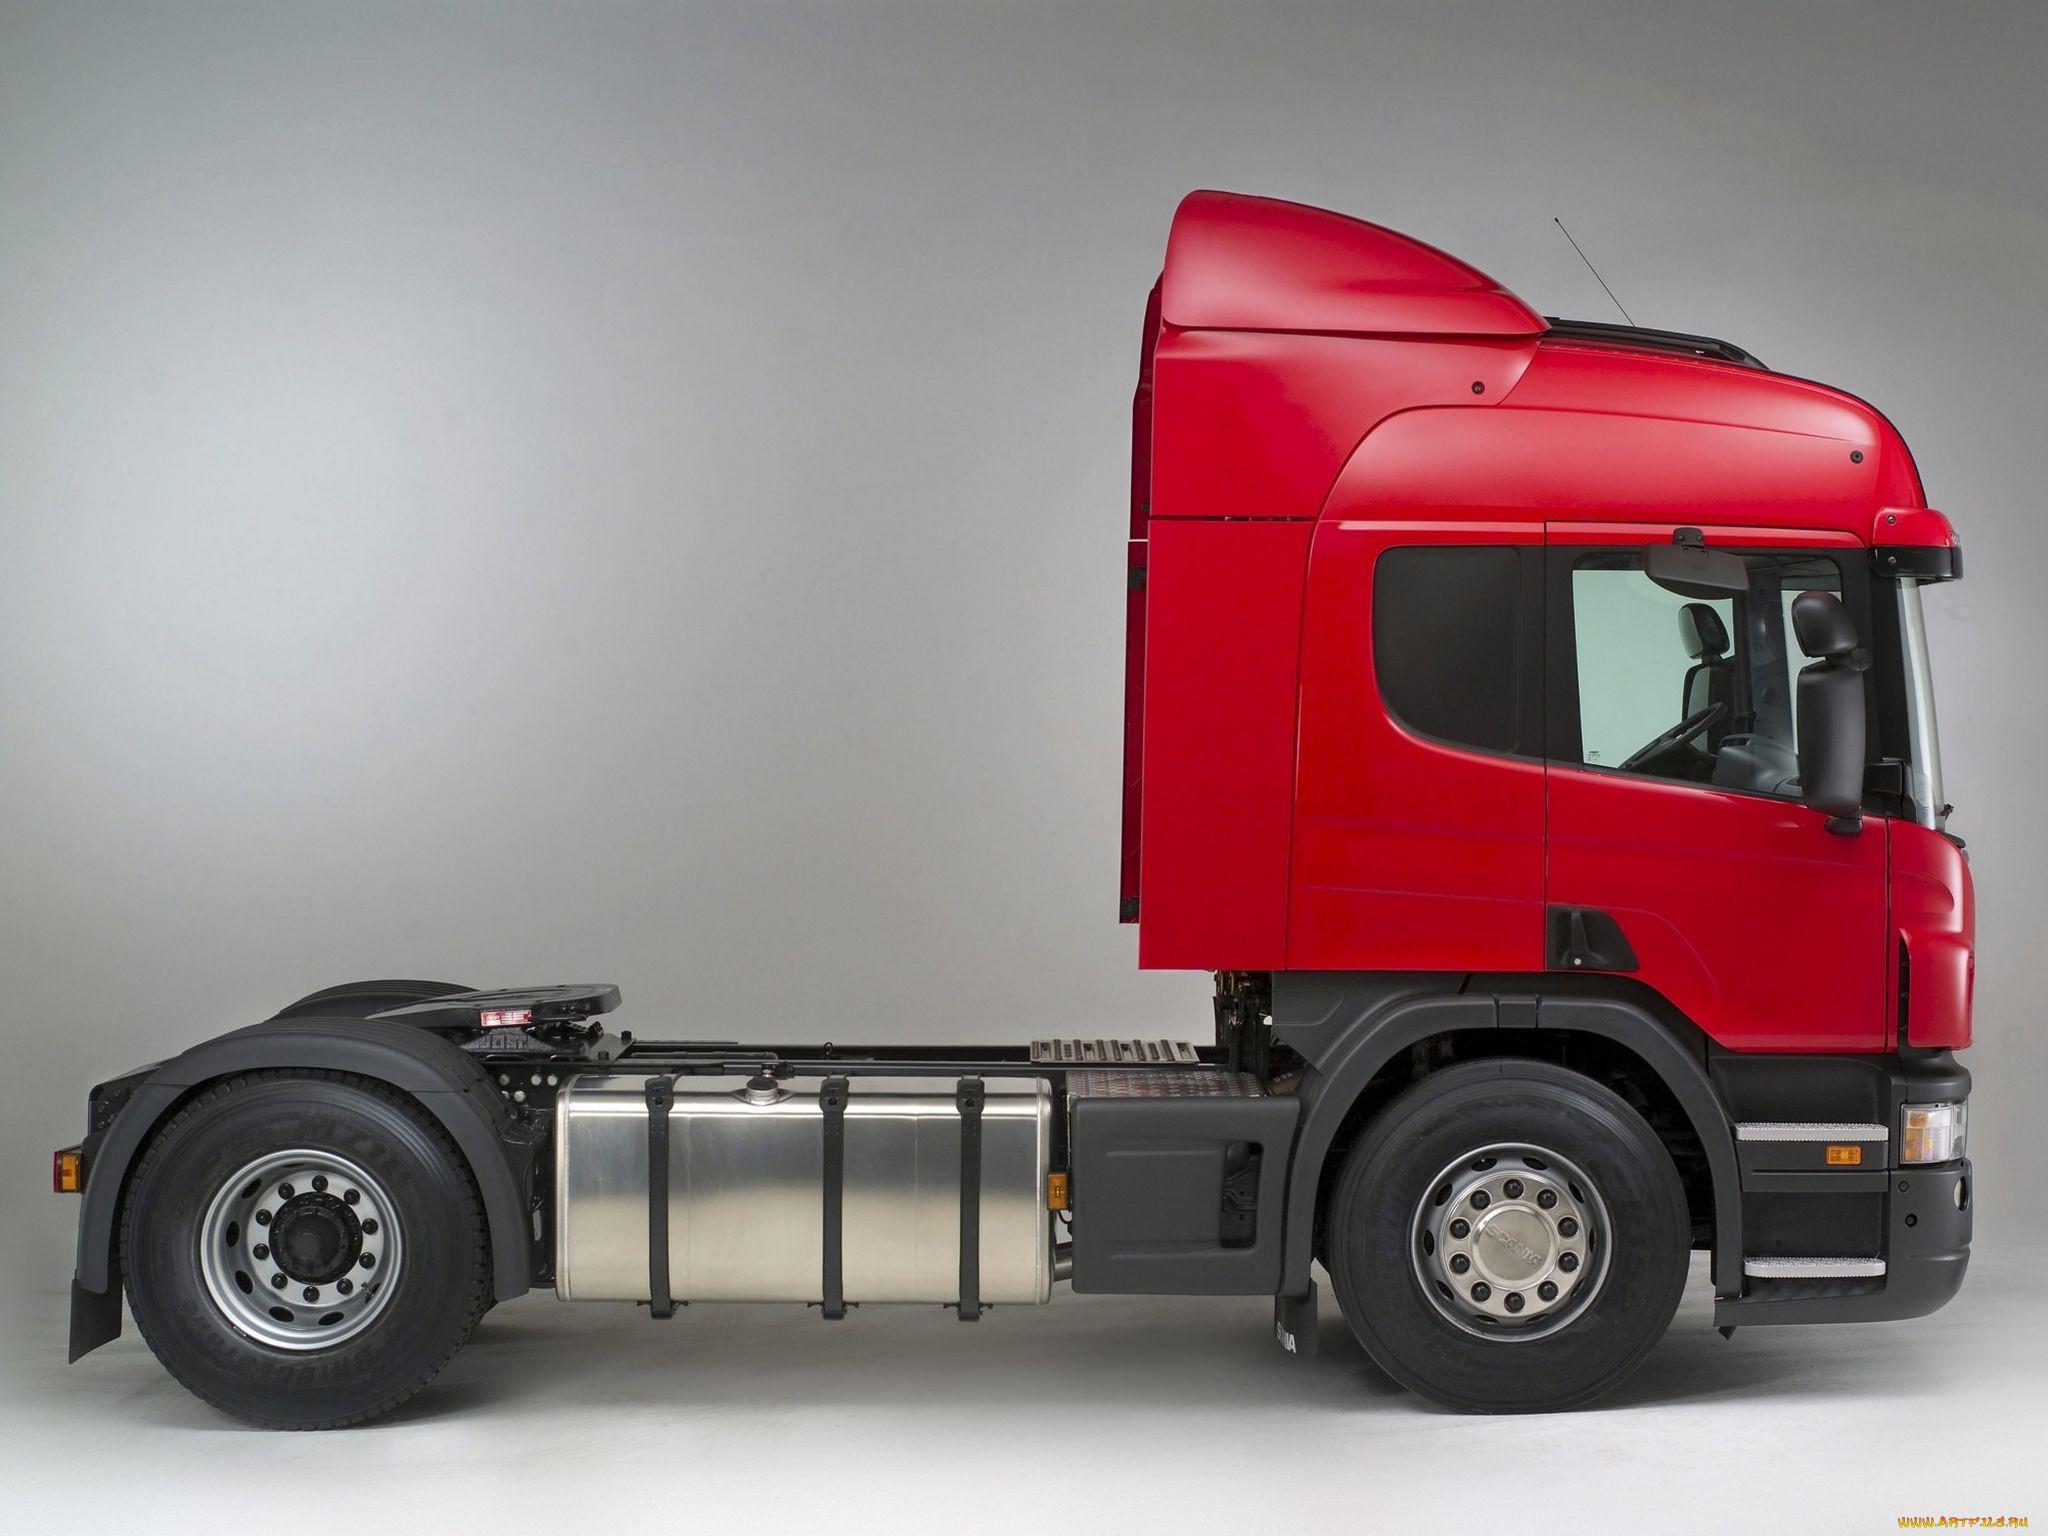 картинки грузовых авто в профиль всего лишь подручных